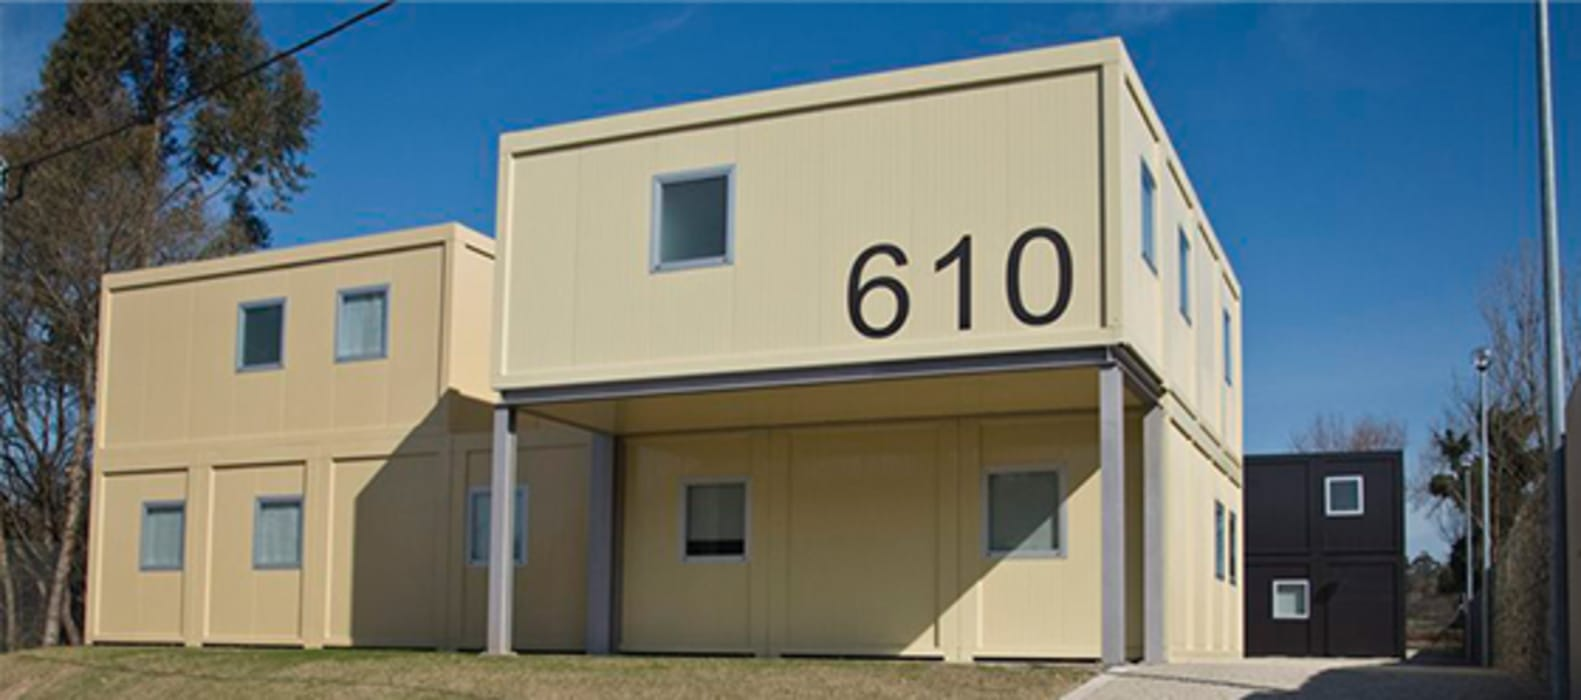 Apartamentos Modulares por CAPA, S.A.